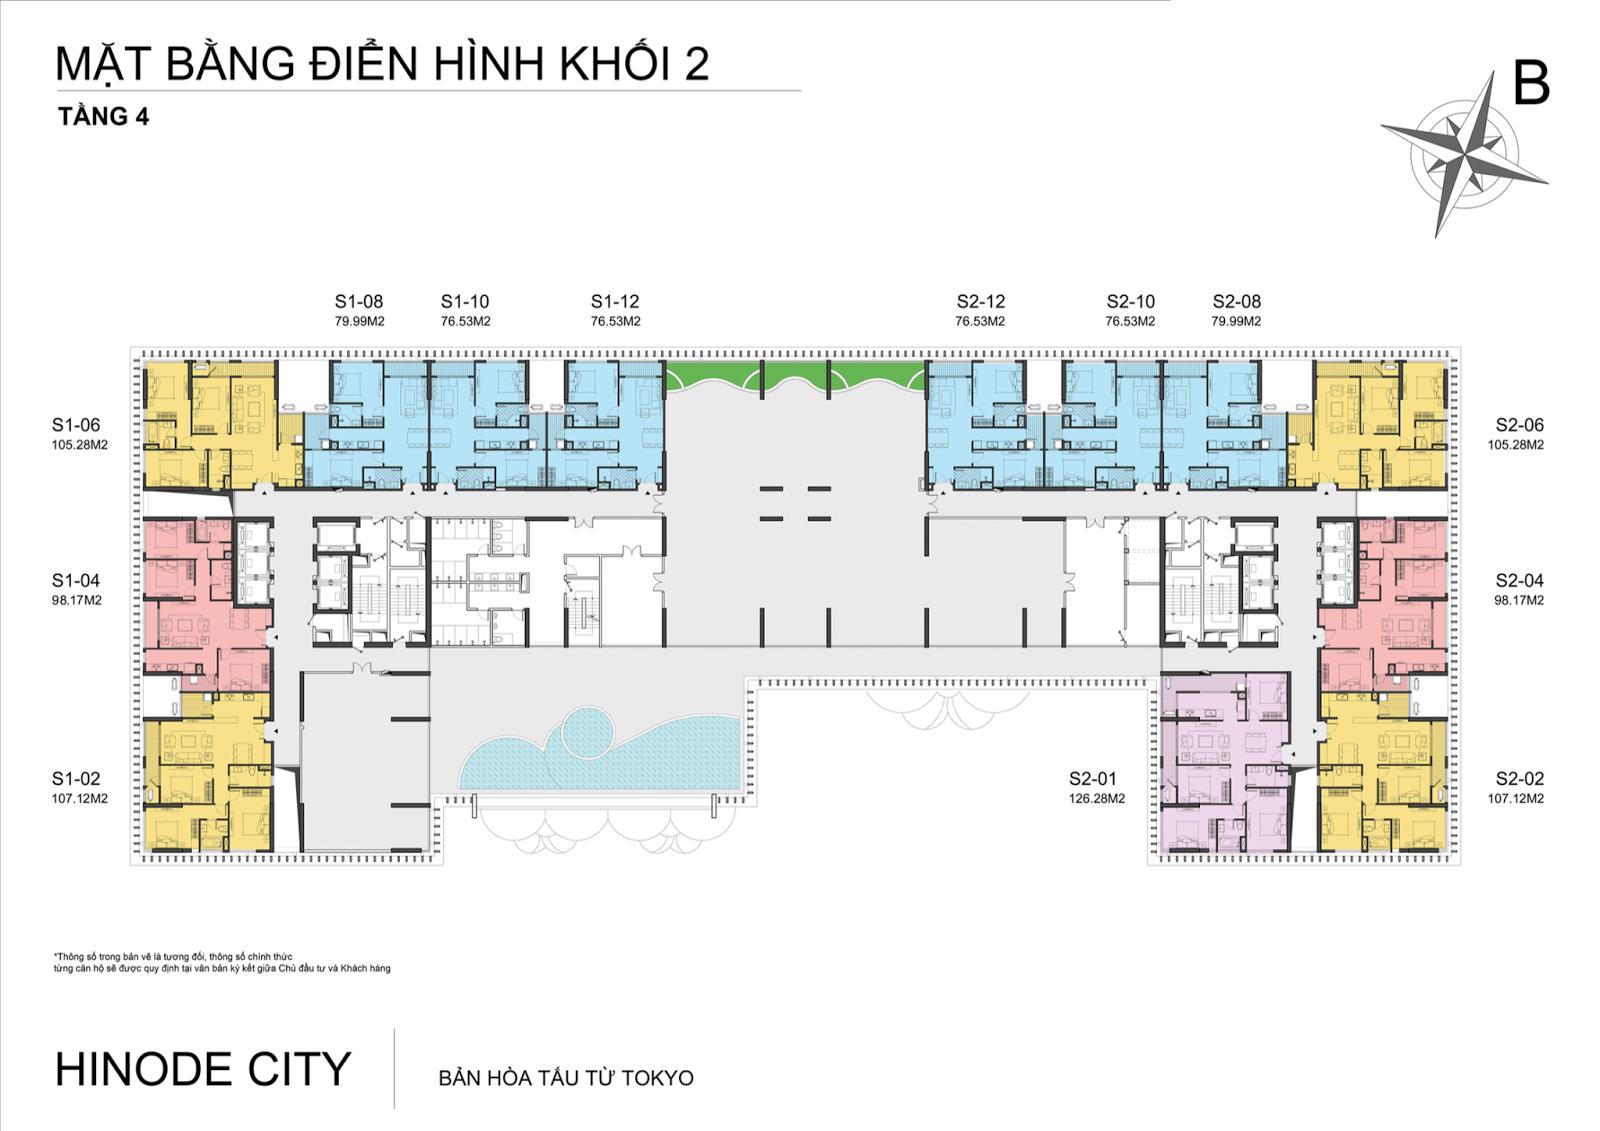 Mặt bằng điển hình tầng 4 dự án Hinode City